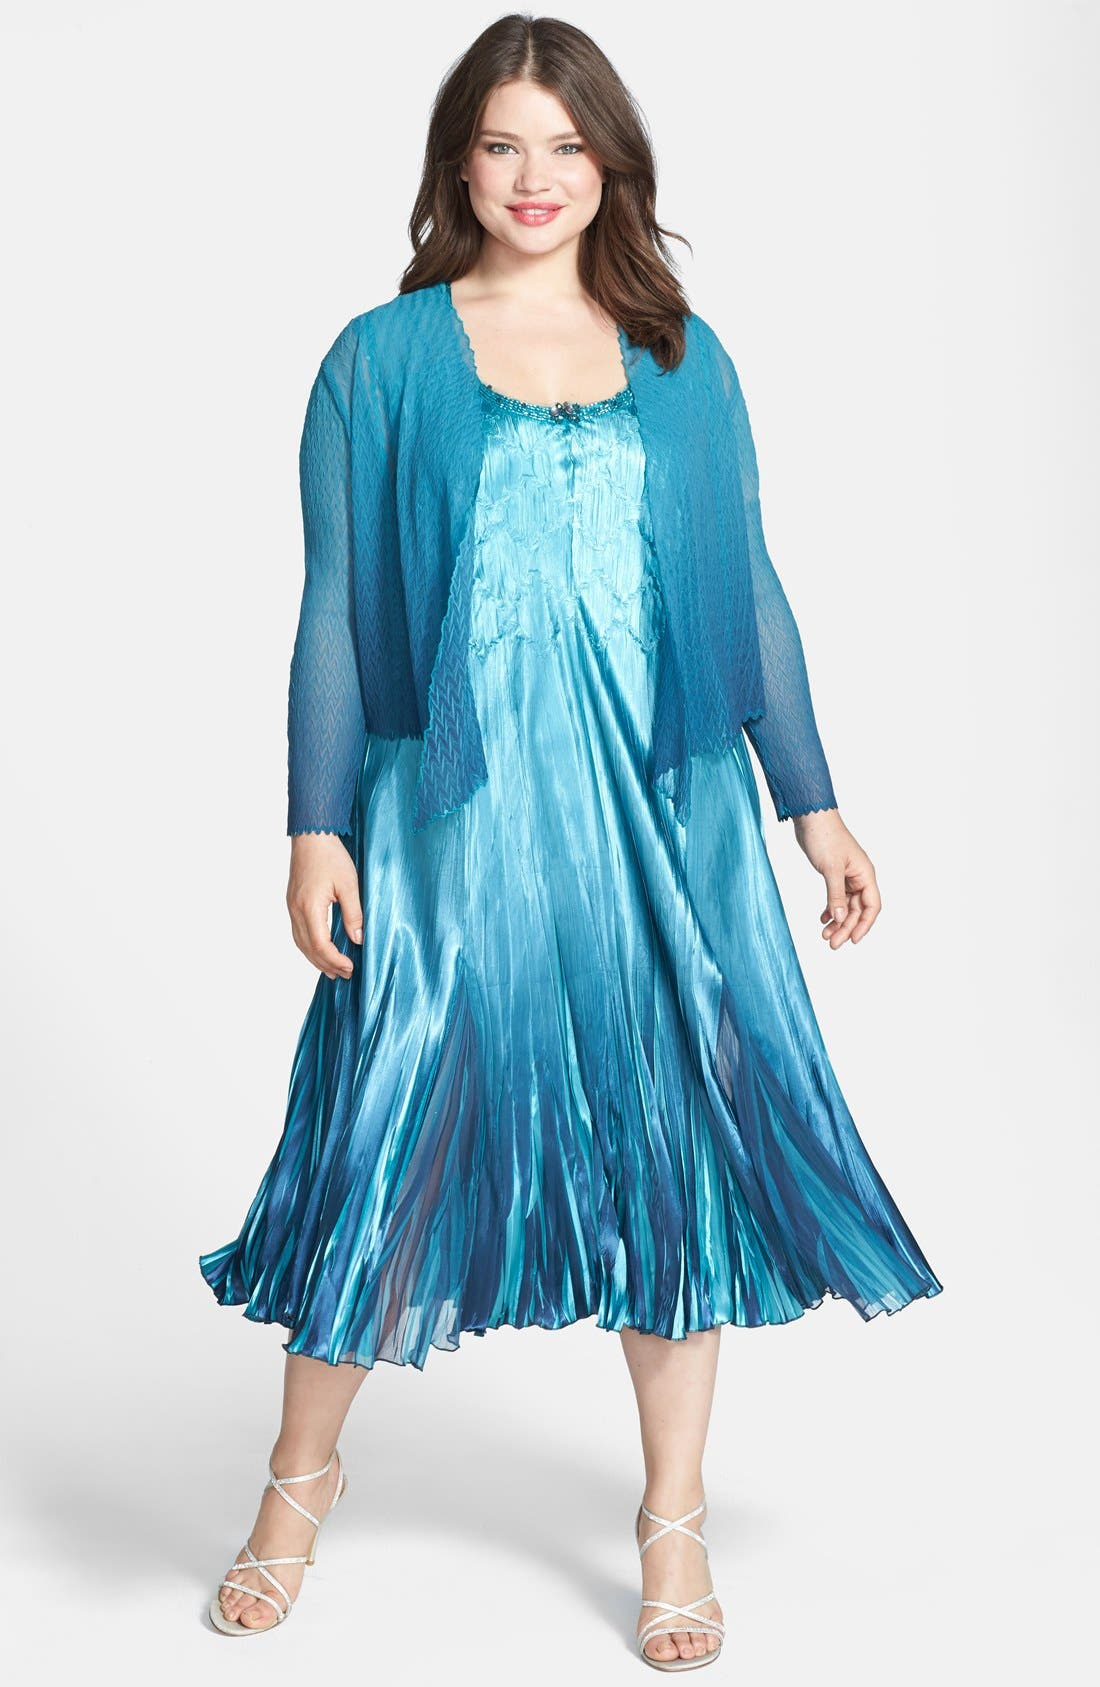 Main Image - Komarov Chiffon & Charmeuse Dress with Jacket (Plus Size)